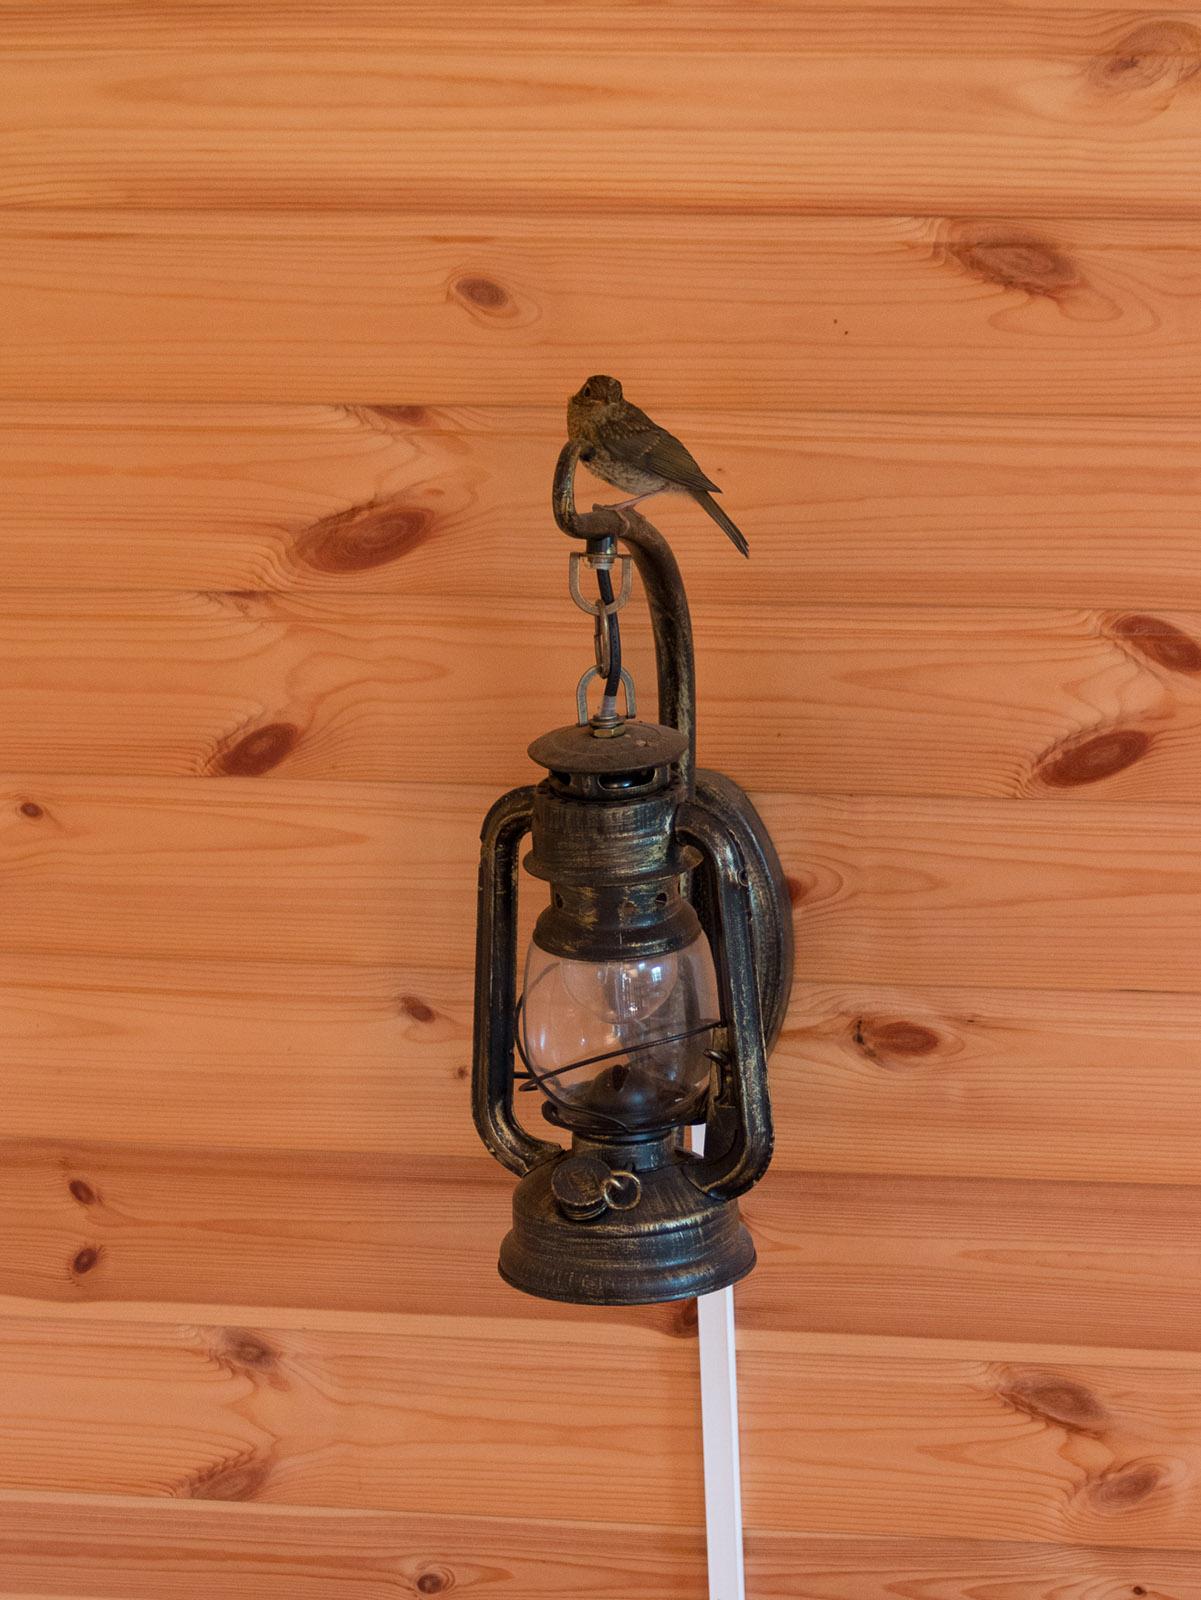 Зарянка (Erithacus rubecula)Выводок зарянок несколько недель жил у нас на подмосковной даче в июле 2015 года. Некоторое время птицы даже ночевали в доме на потолочных балках. Автор фото: Сутормина Марина